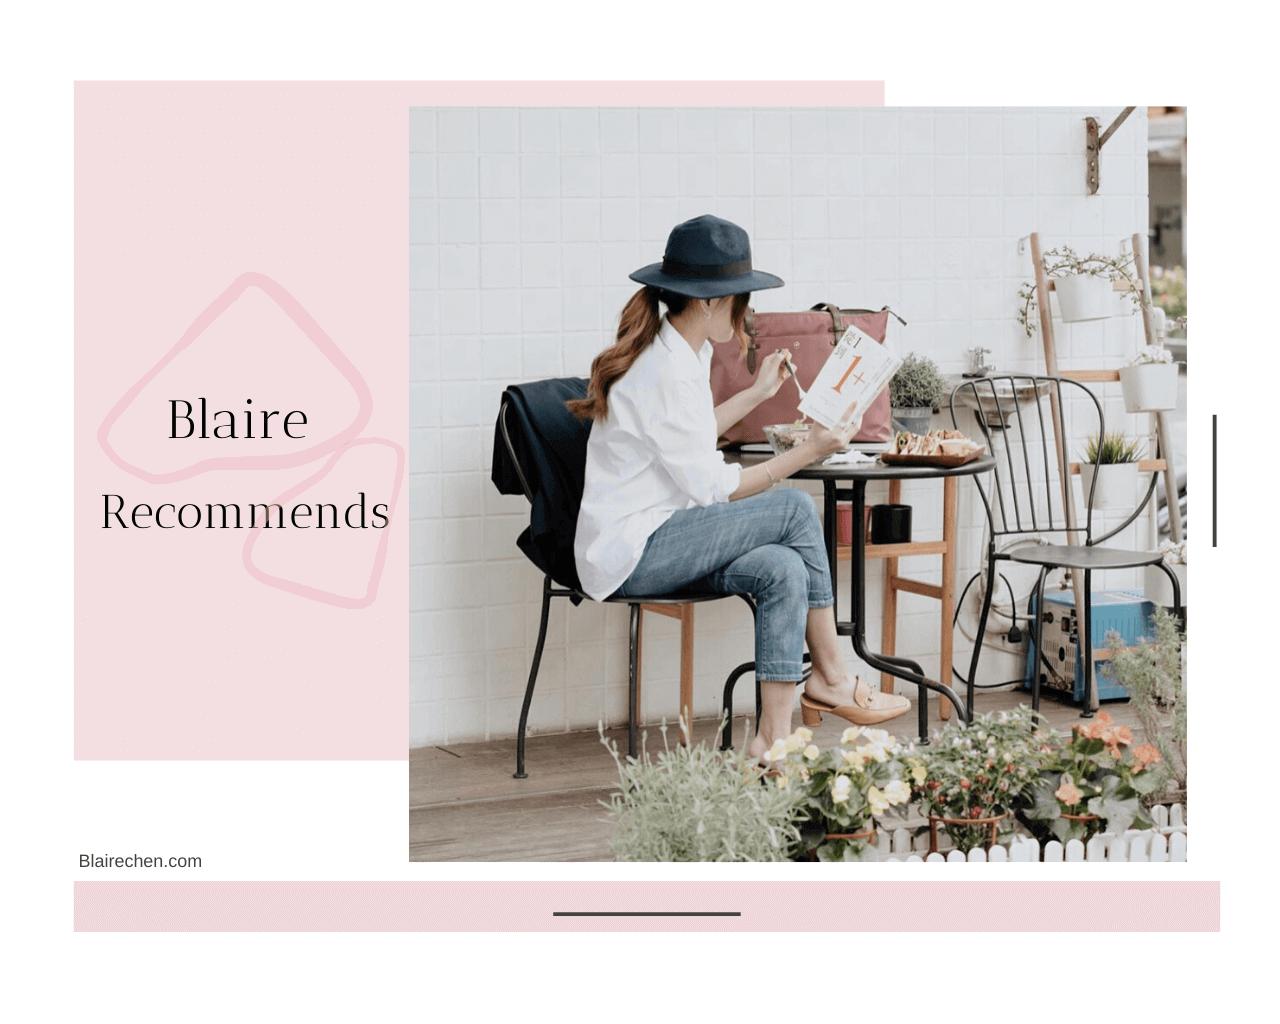 【關於好書推薦】|Blaire好書分享,擁有自在舒服的自己,才有自己獨一無二的樣子。